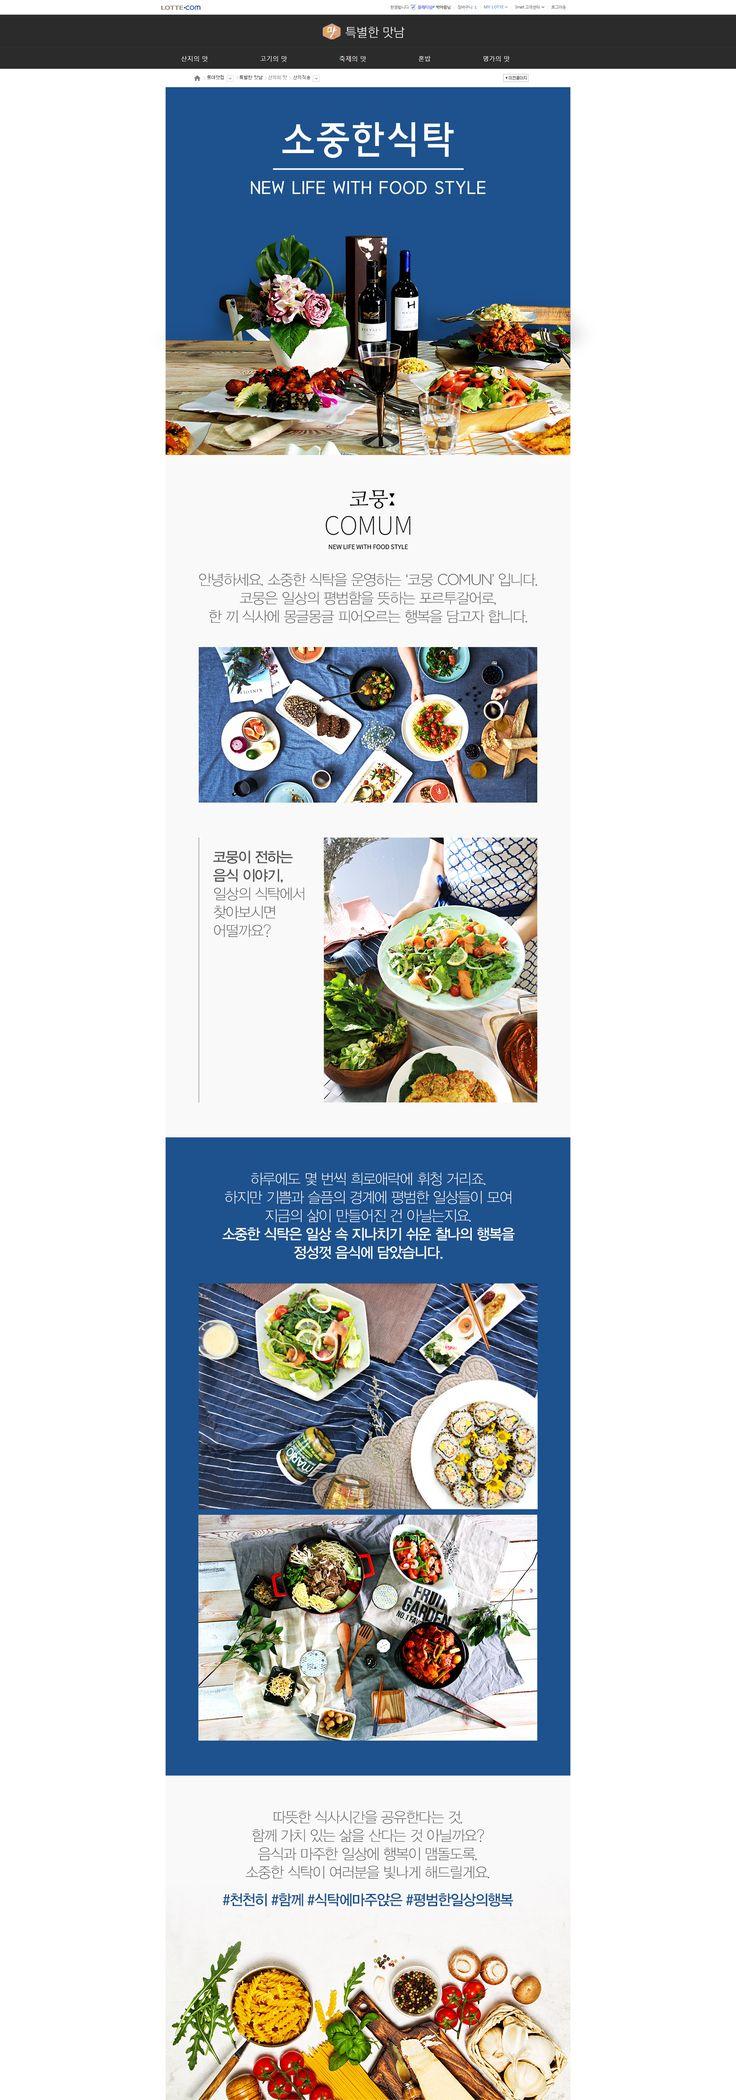 특별한맛남/요리의맛/소중한식탁(PC)_170616_Designed by 김수언